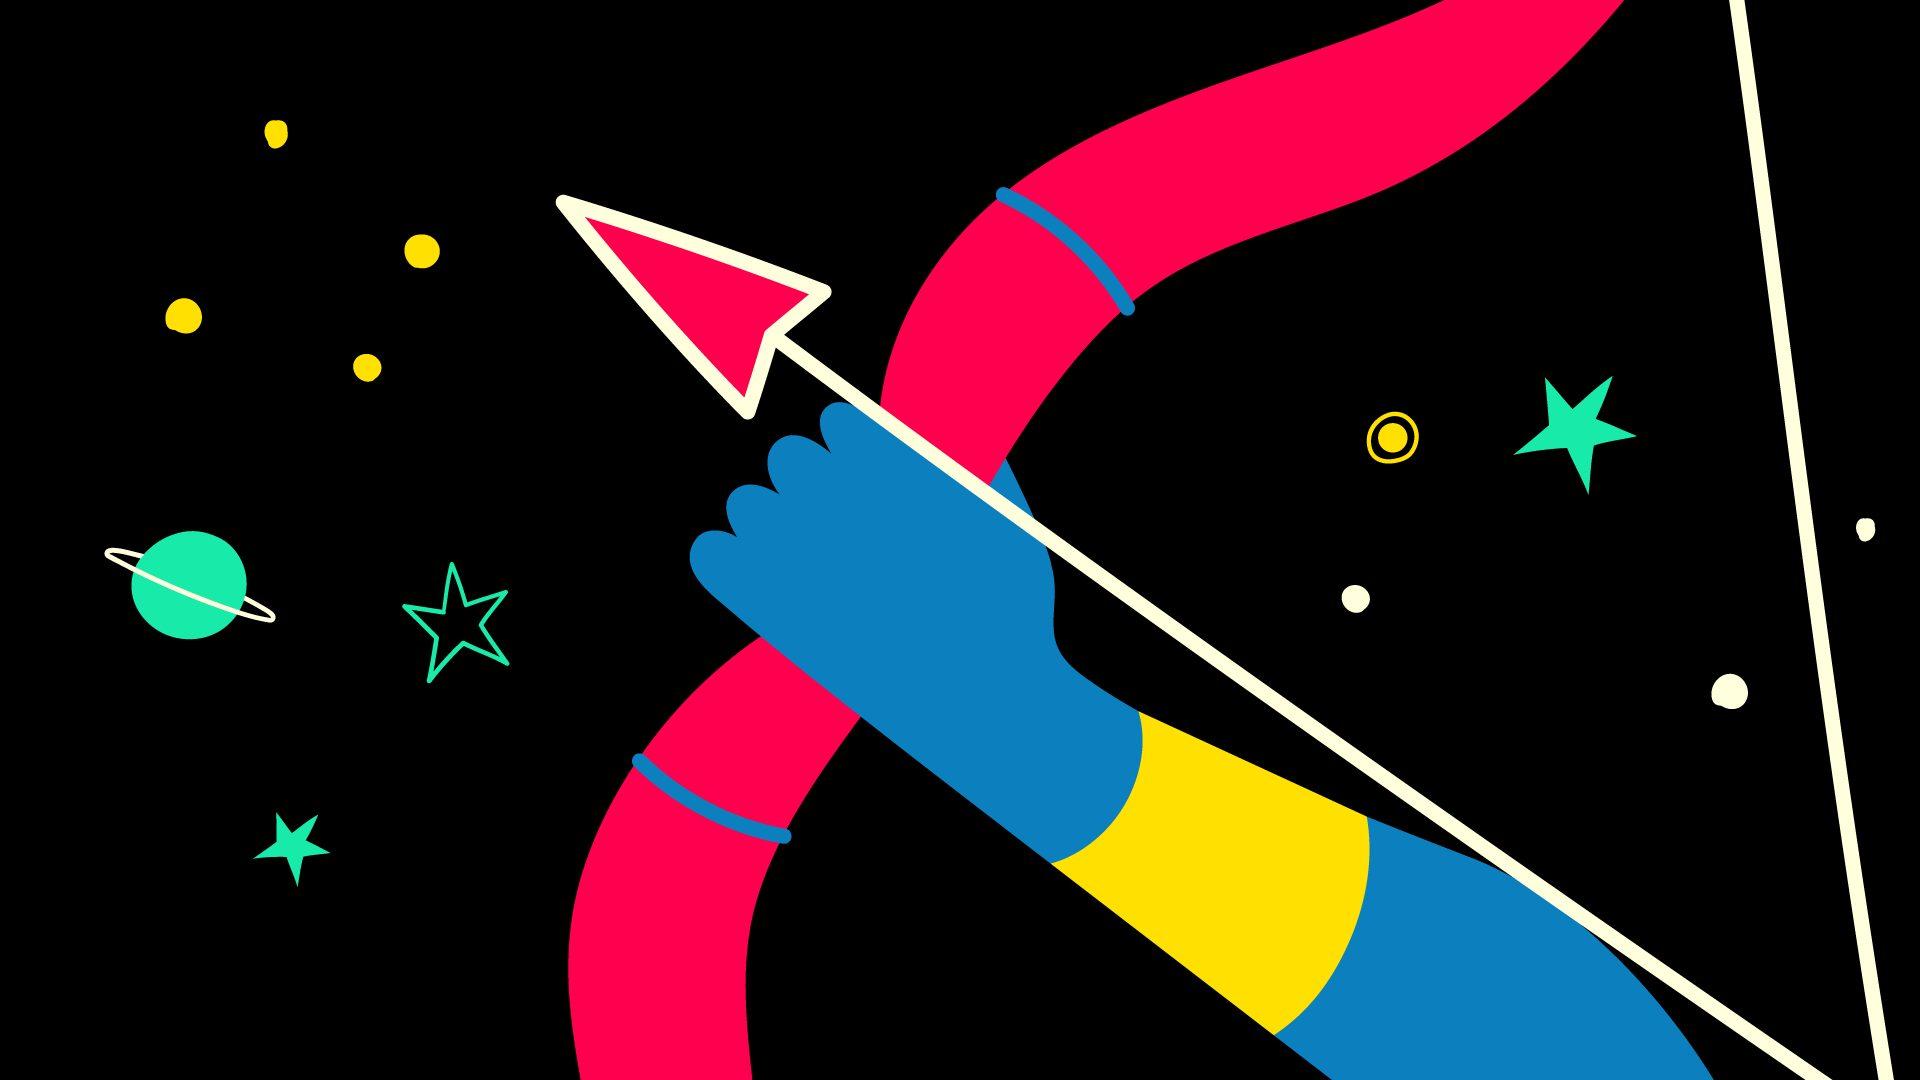 L'oroscopo di oggi per il segno del Sagittario